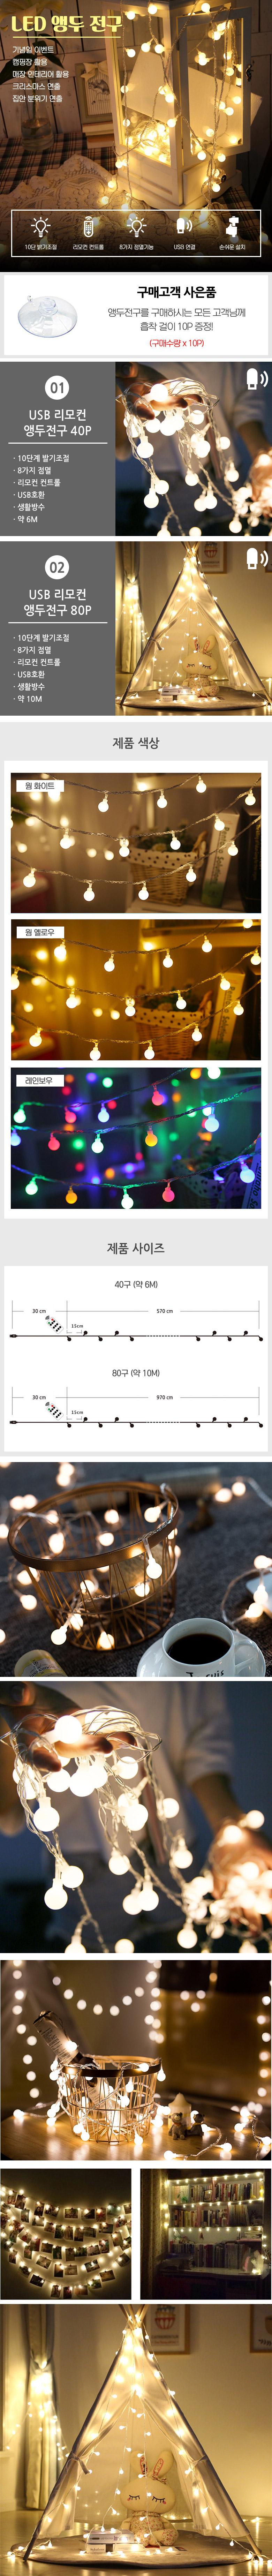 LED 앵두전구 USB 리모컨 밝기조절 80구 - 구디푸디, 11,500원, 이벤트조명, 이벤트조명